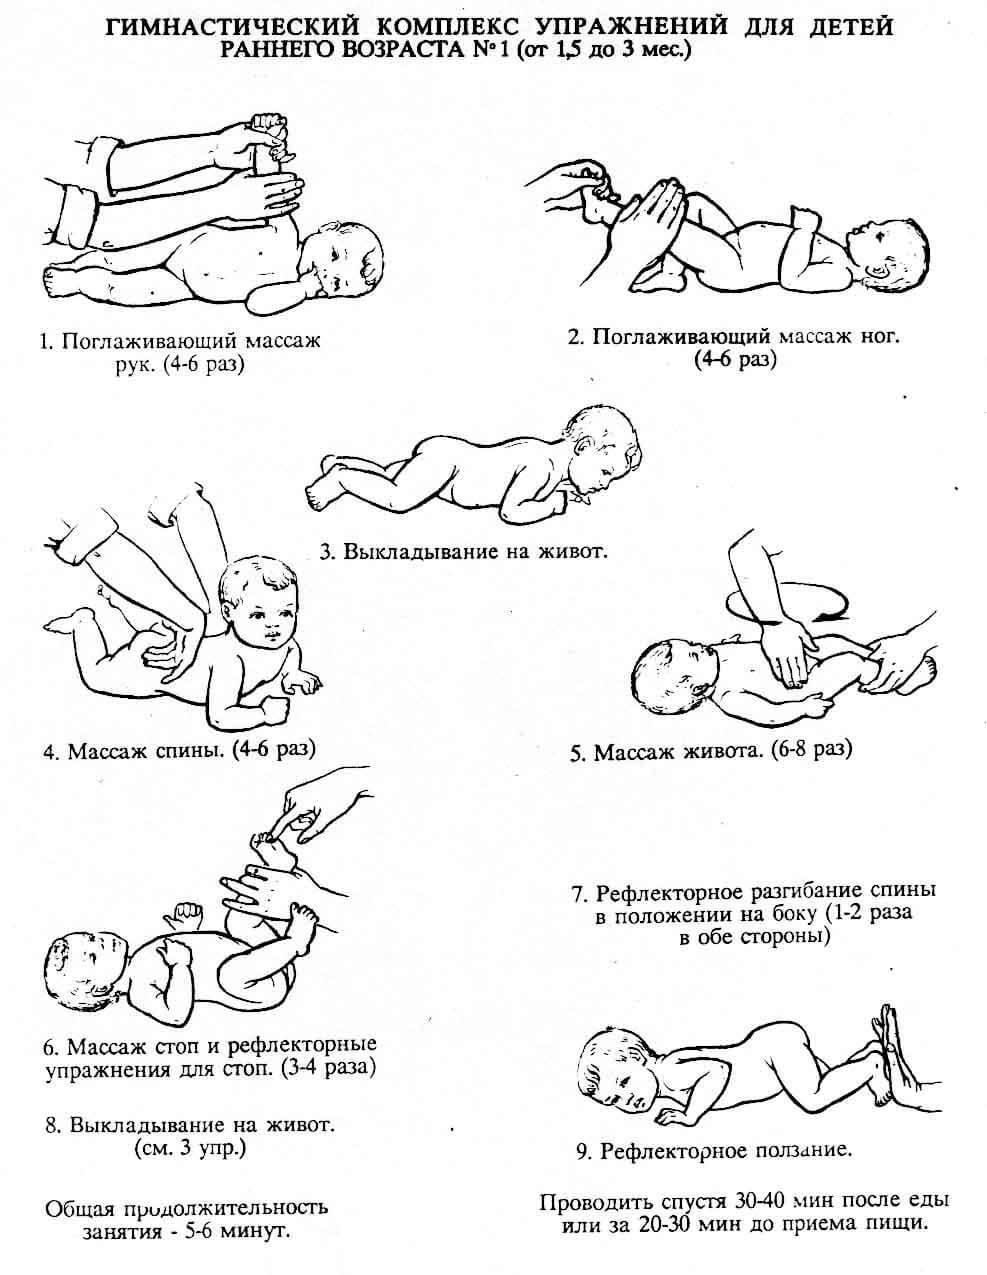 Упражнения для малышей 1,5 - 3 месяца